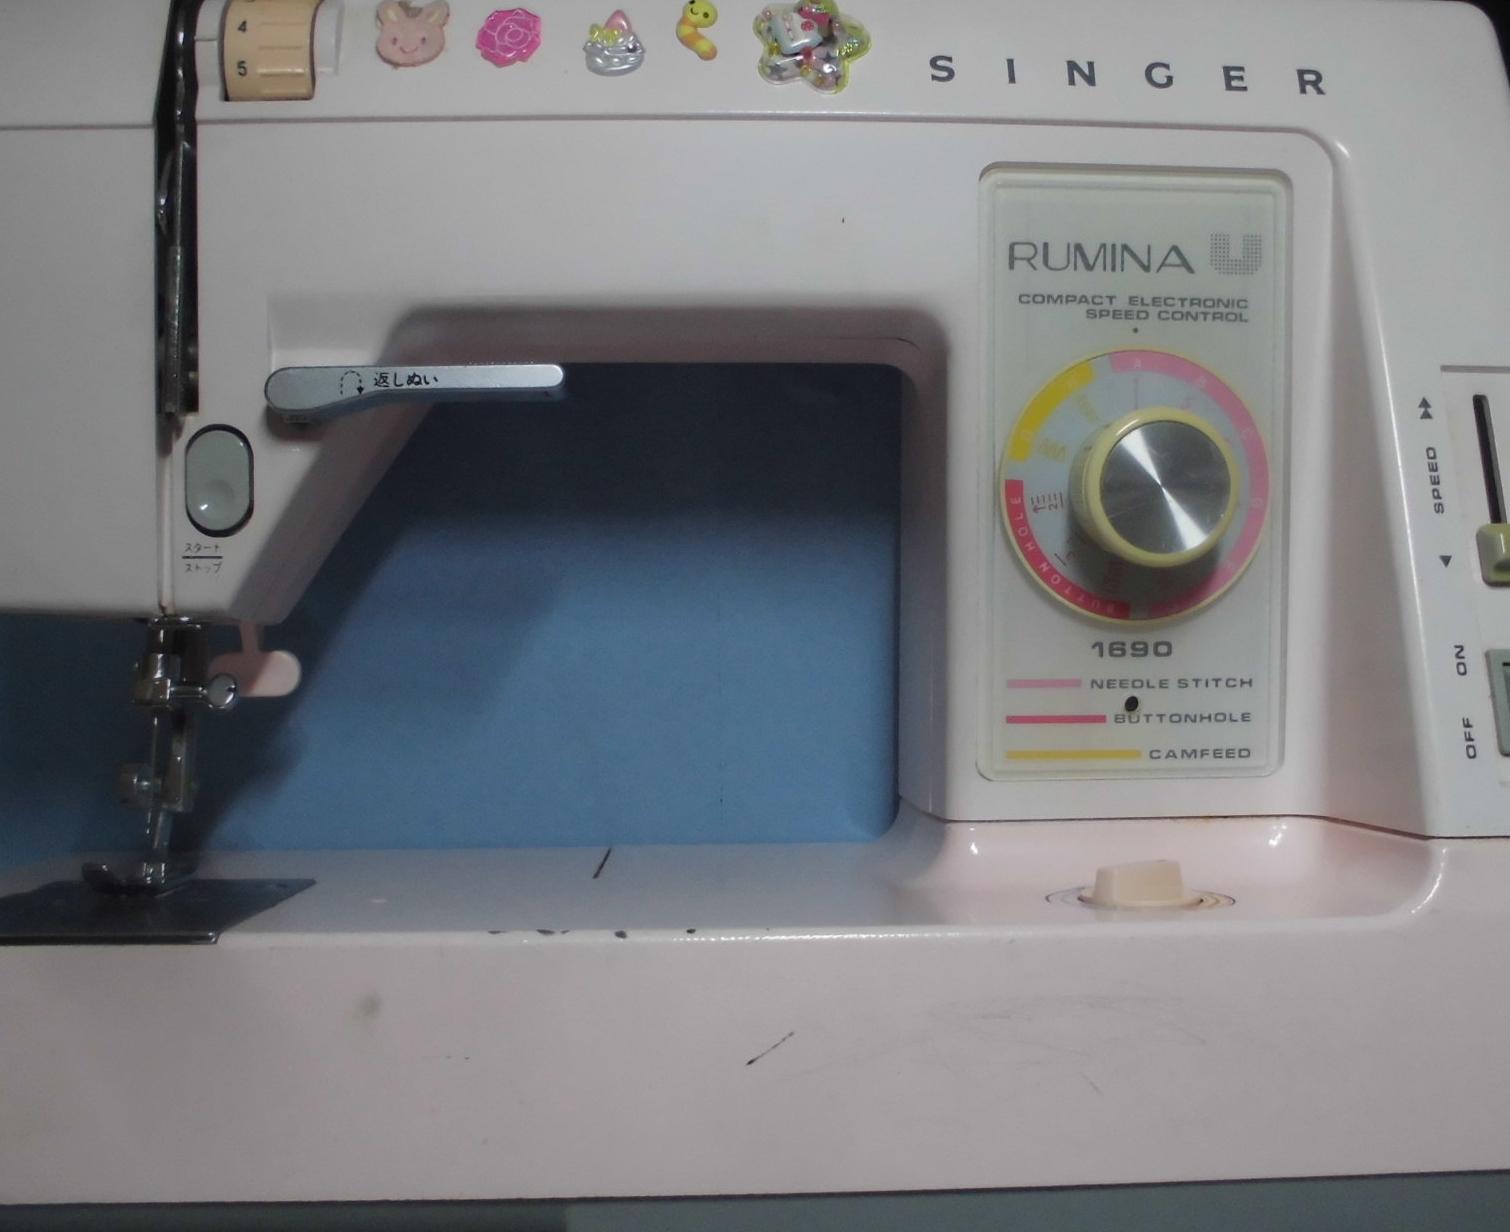 シンガーミシン修理|ルミナ1690|布を送らない、送り歯が動かない、縫えない